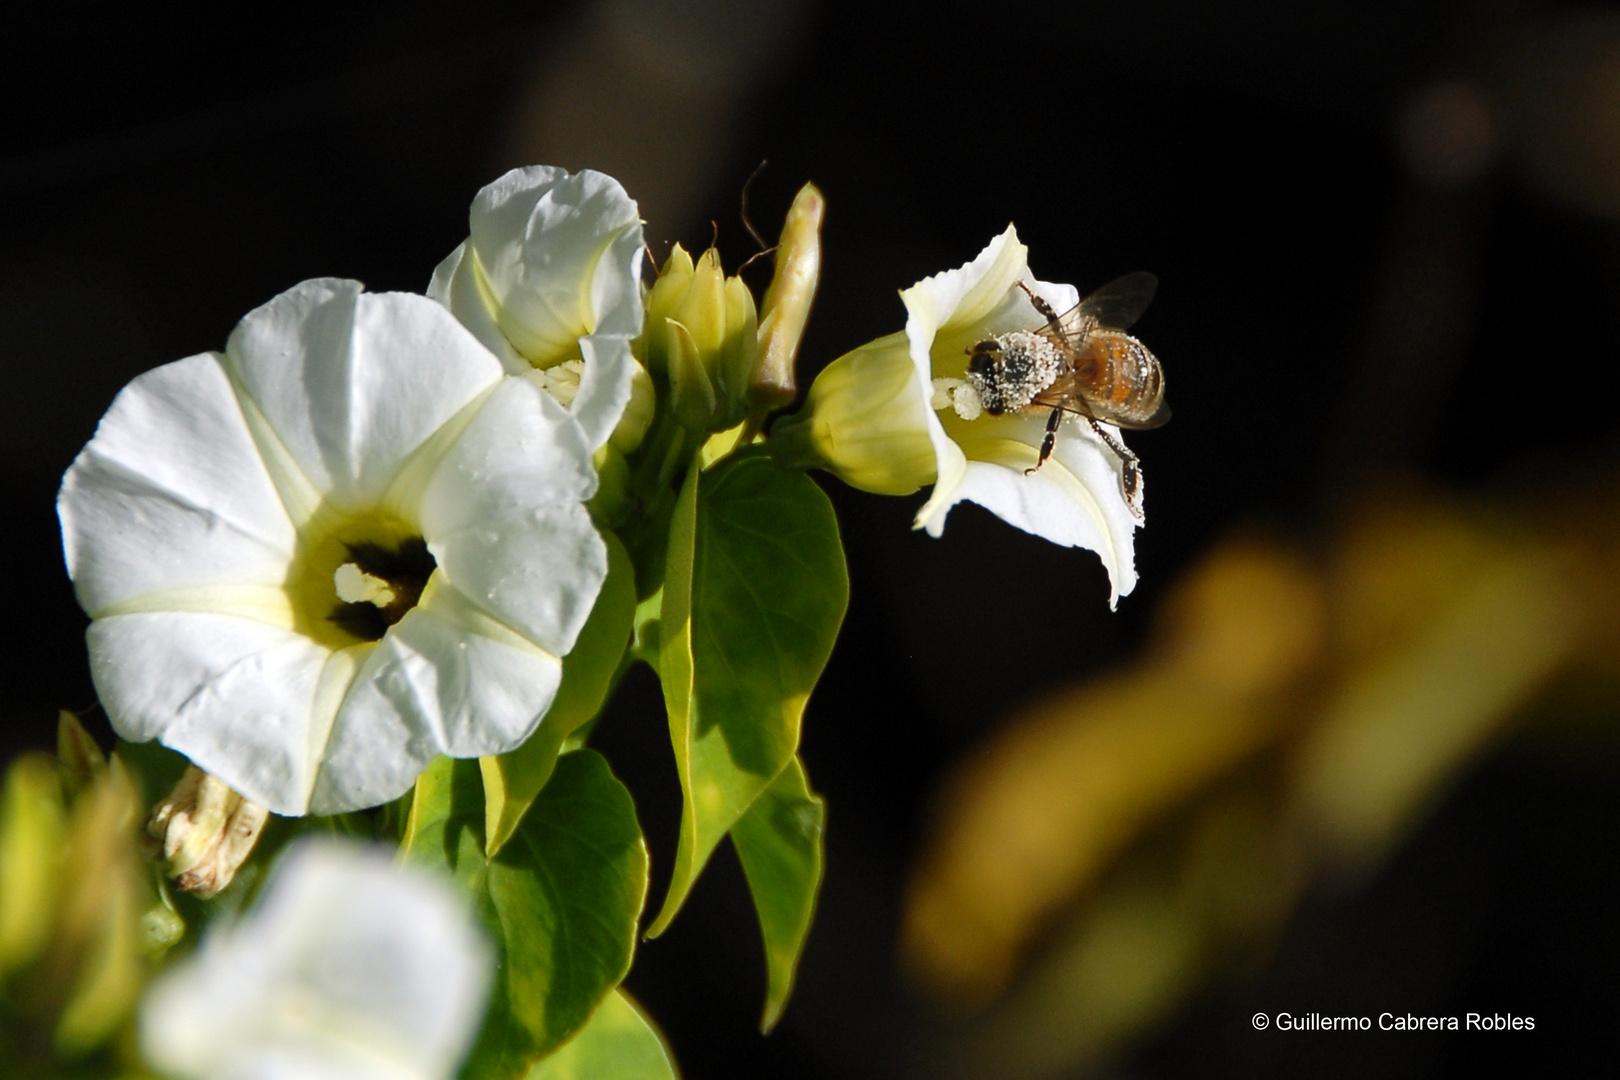 Aveja con polen